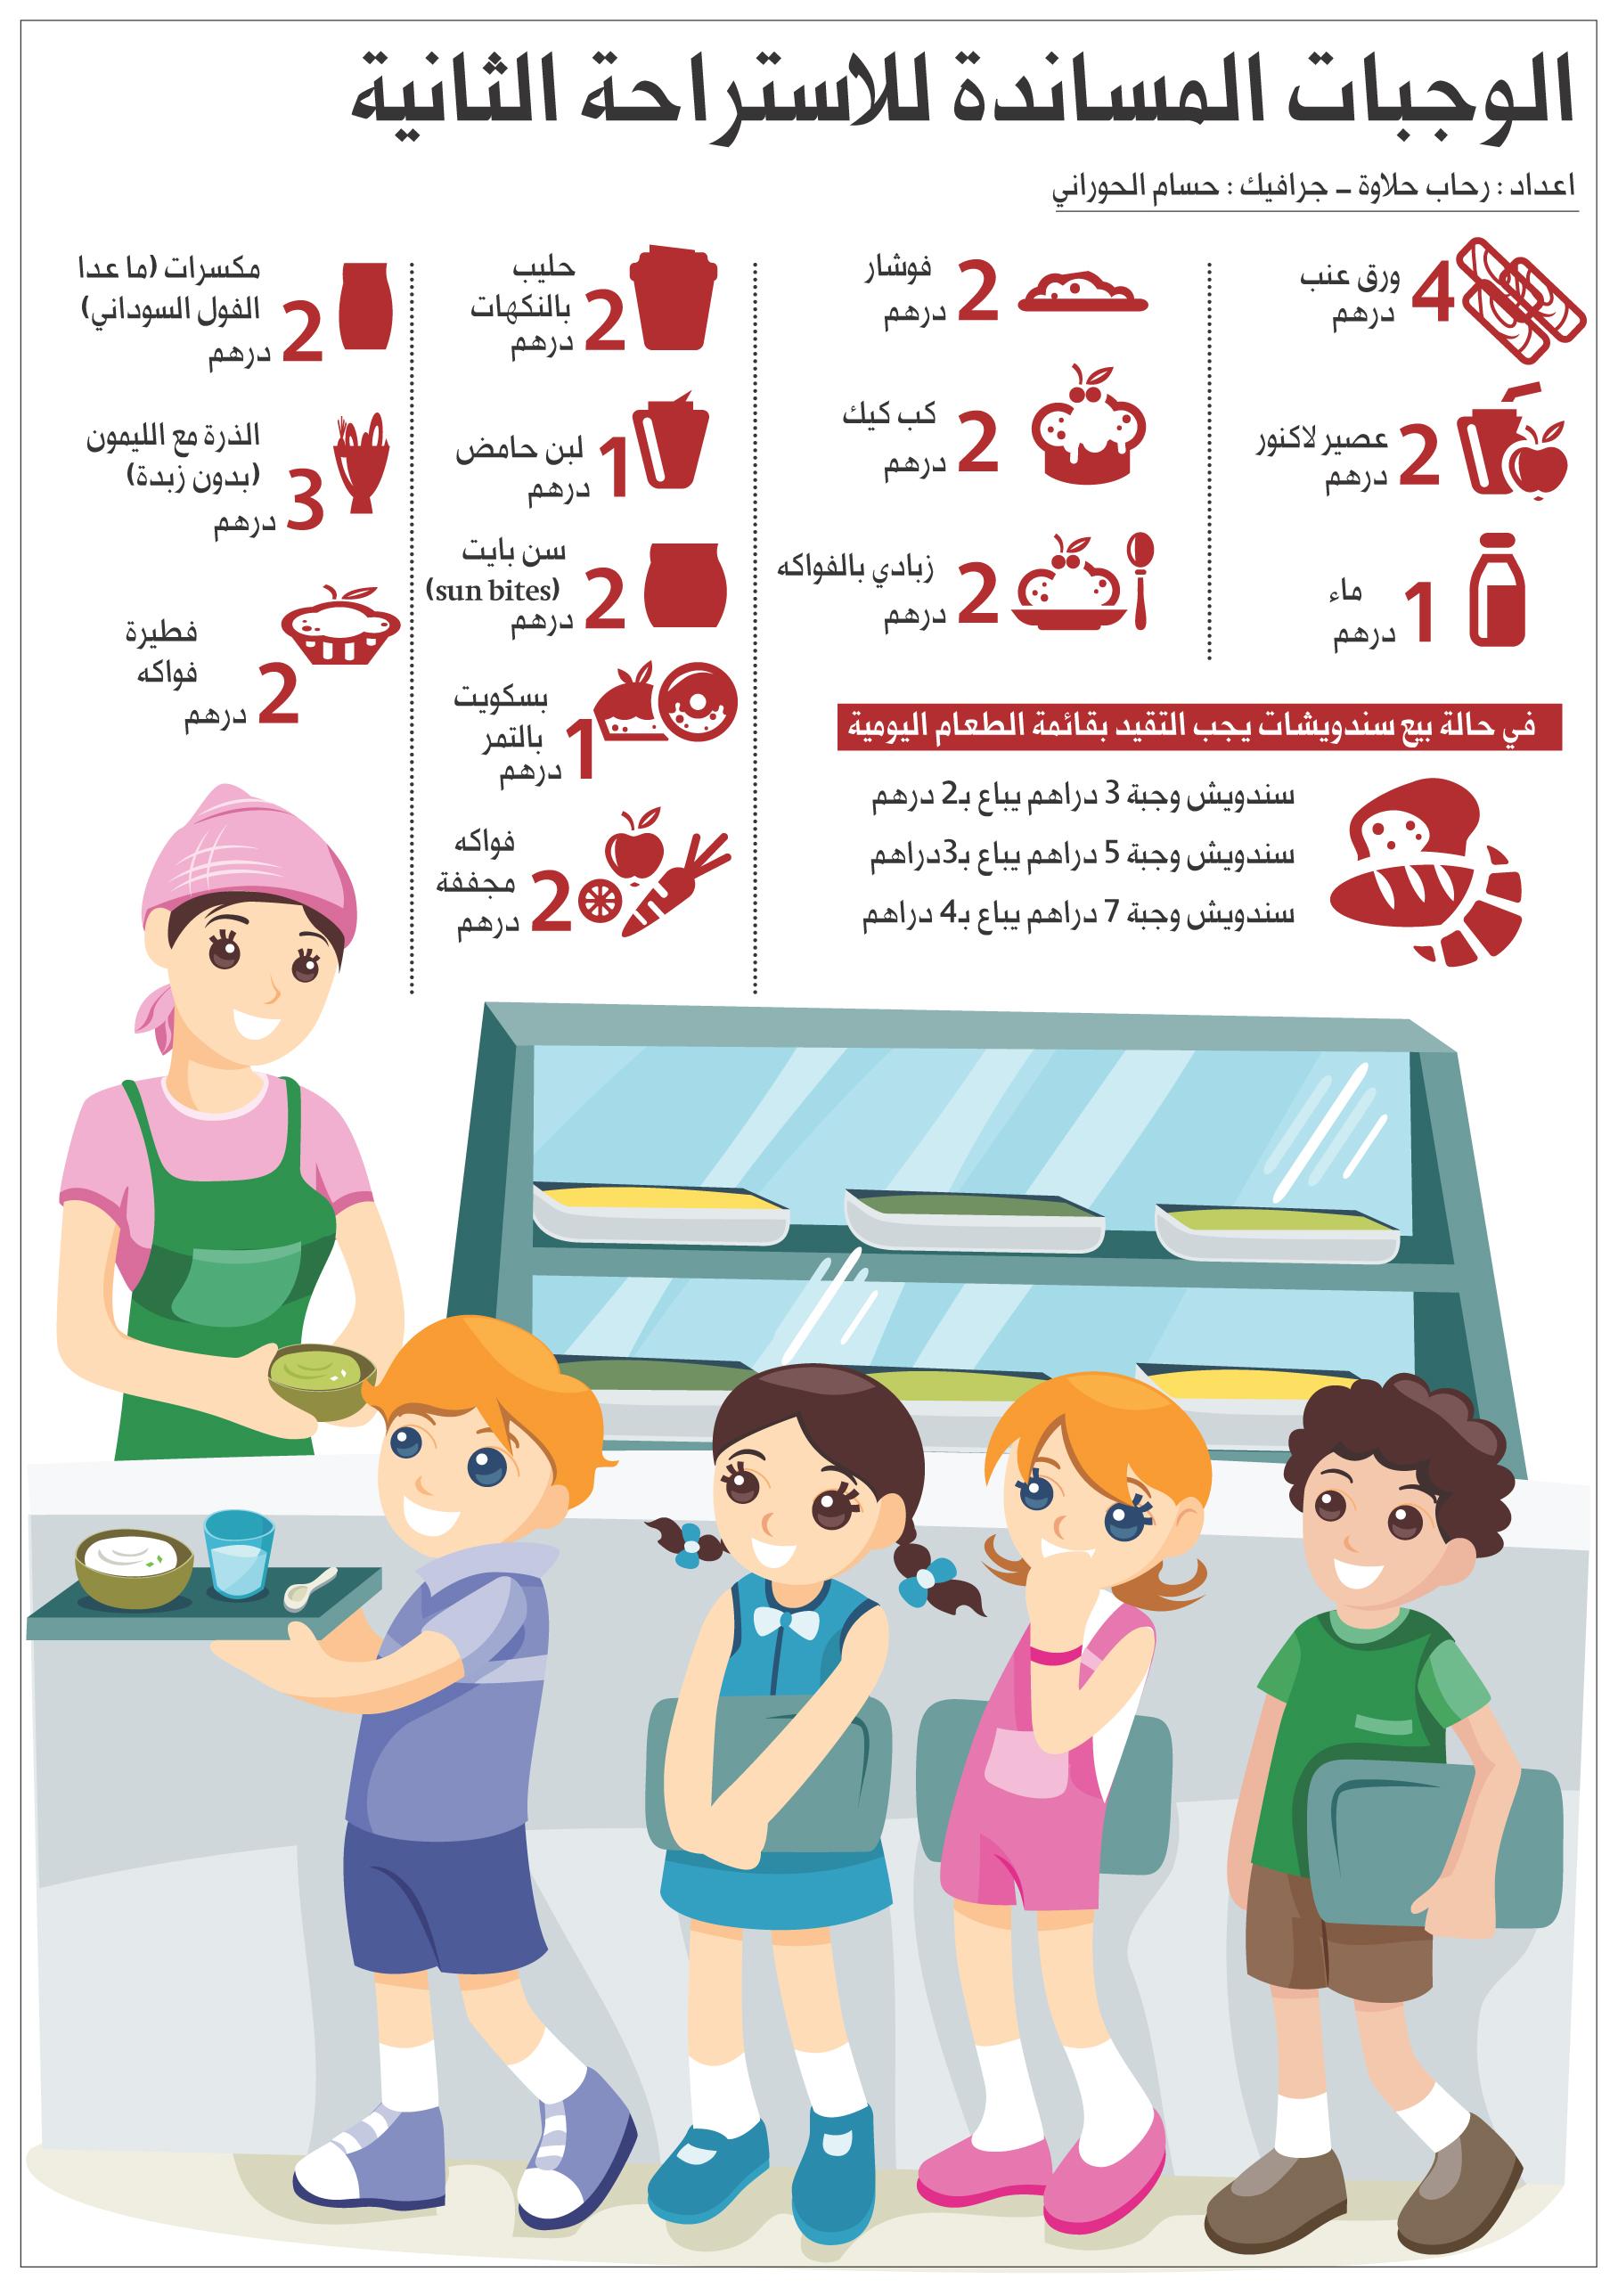 وجبة غذائية نموذجية في 73 مدرسة حكومية عبر الإمارات تعليم البيان